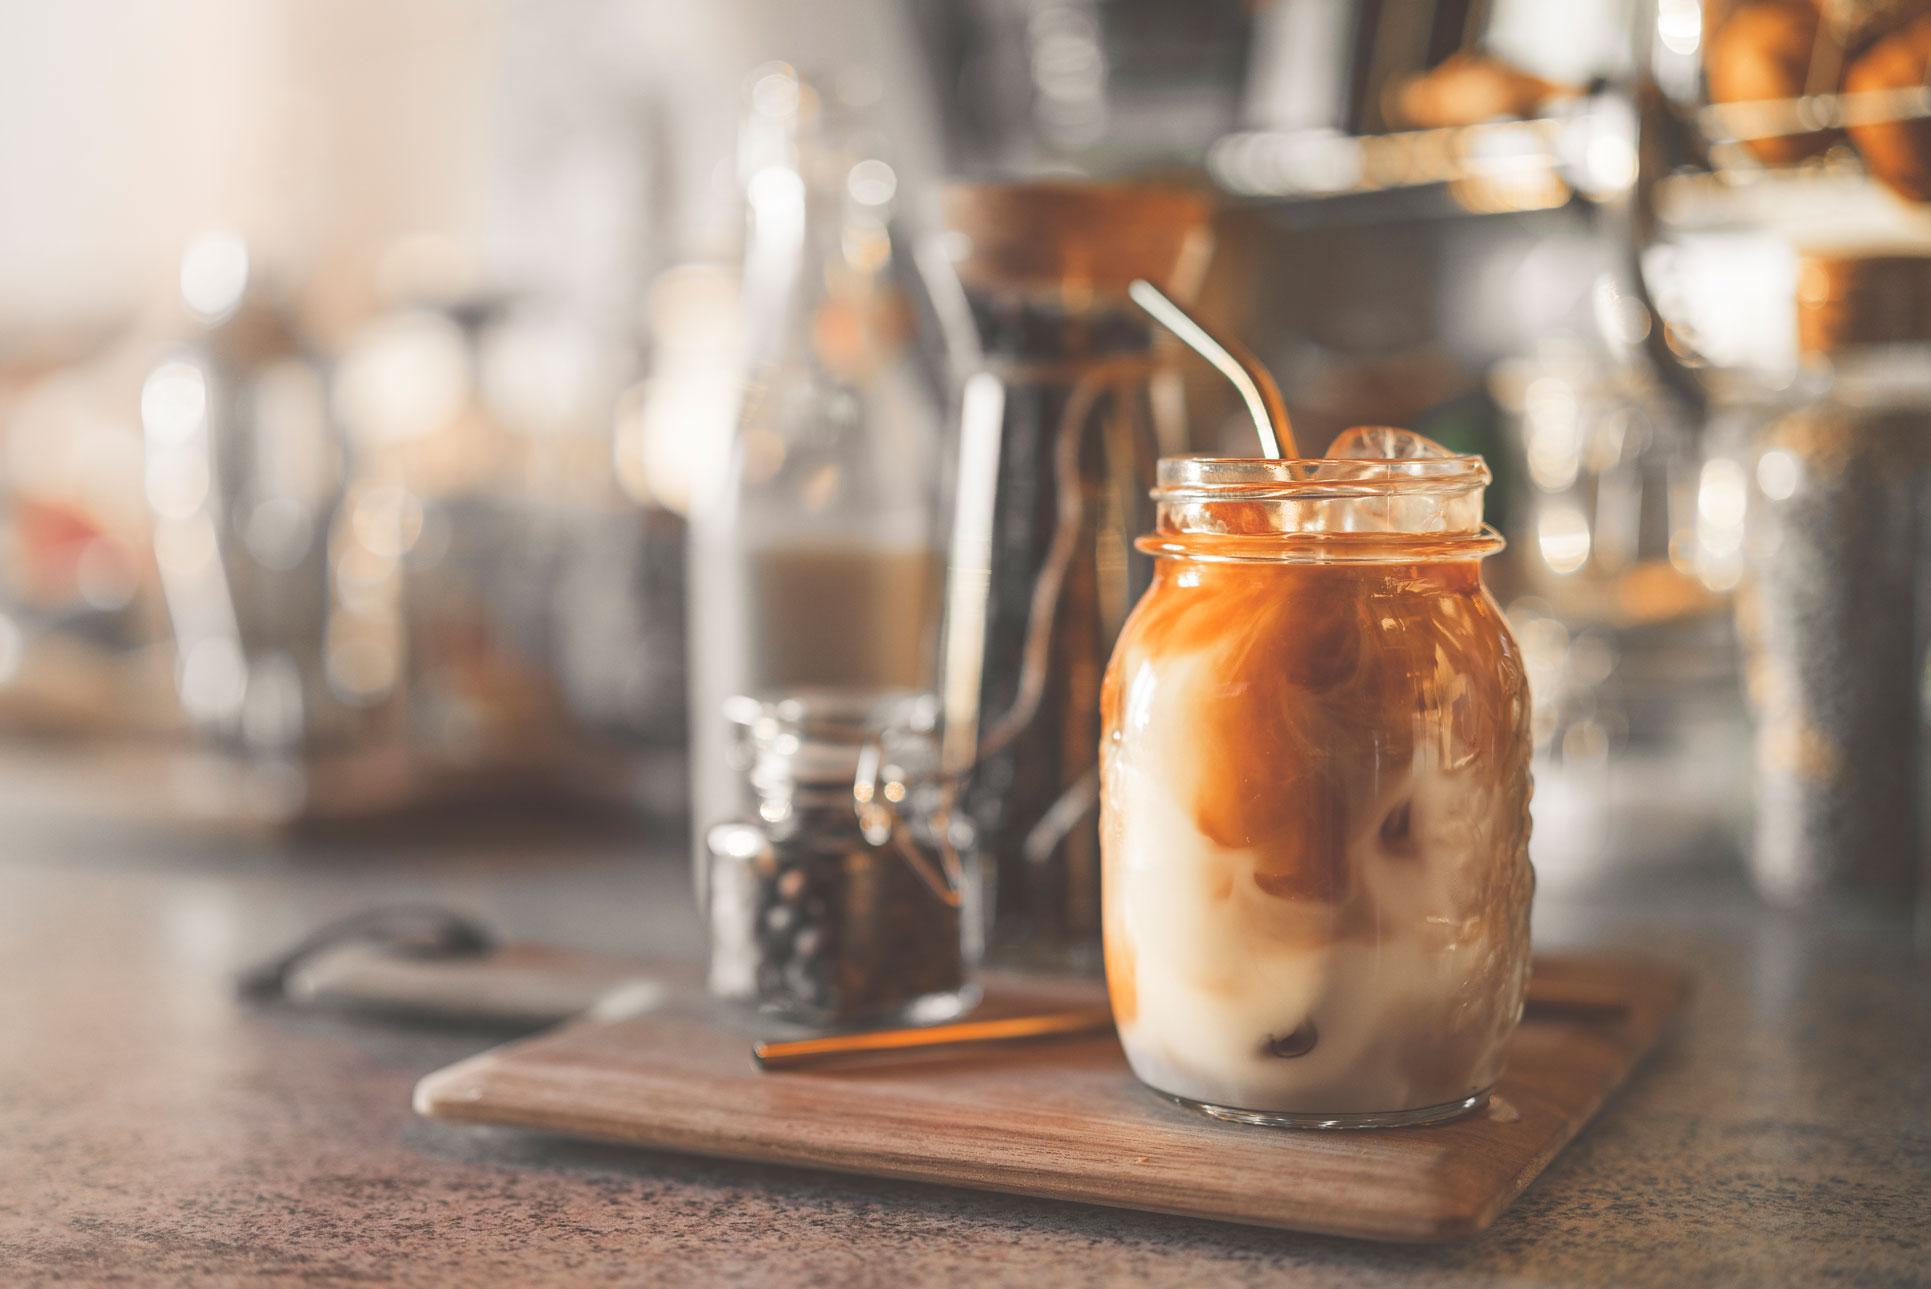 iced-coffee-on-counter.jpg